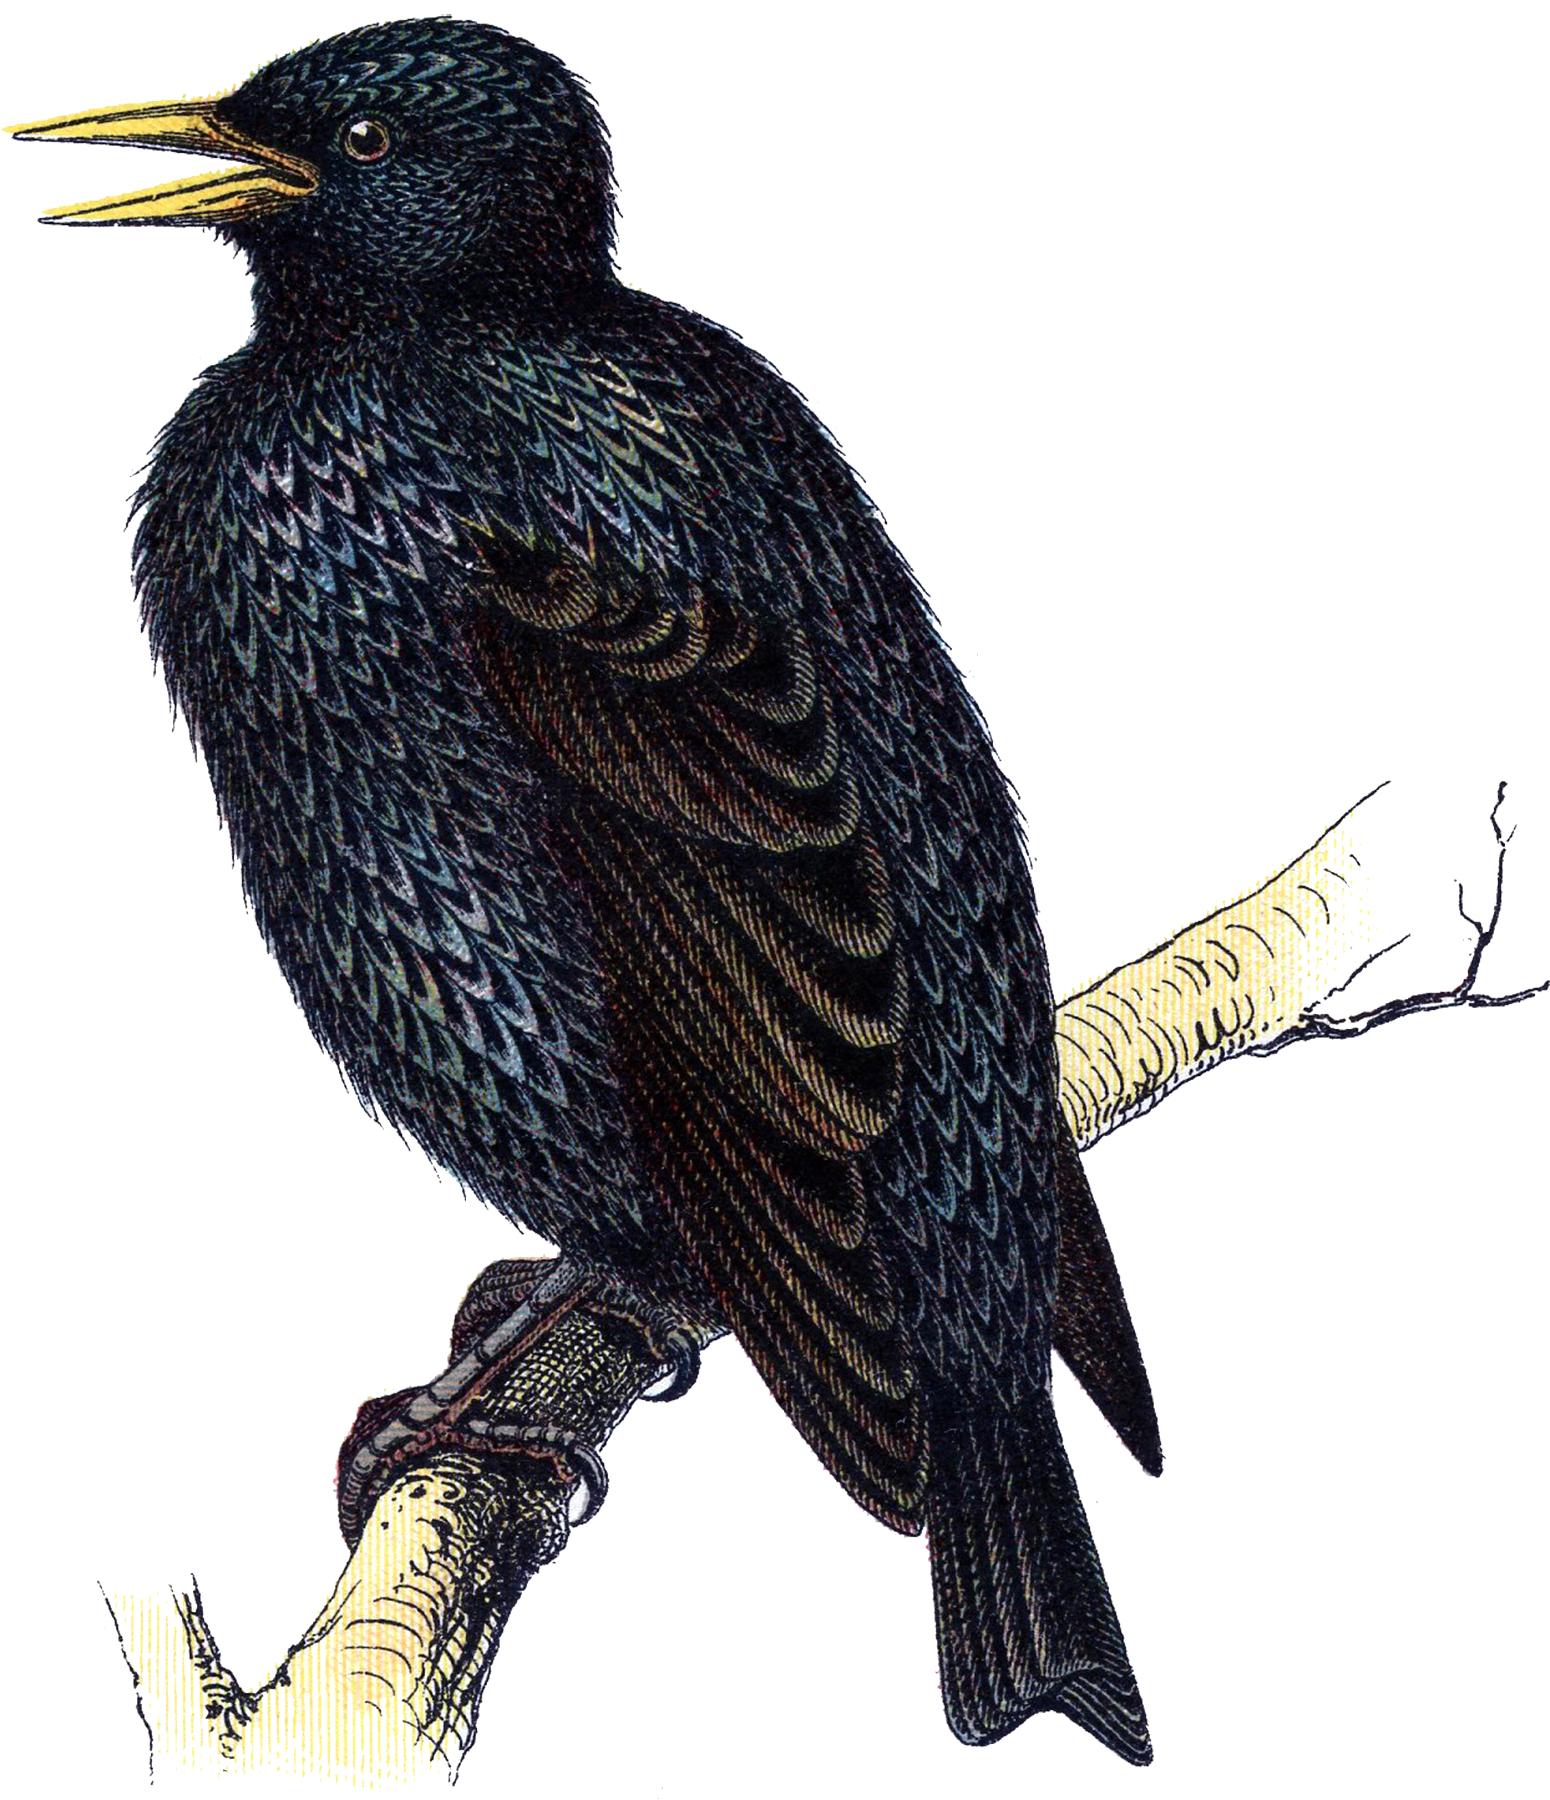 Винтажное изображение темной птицы